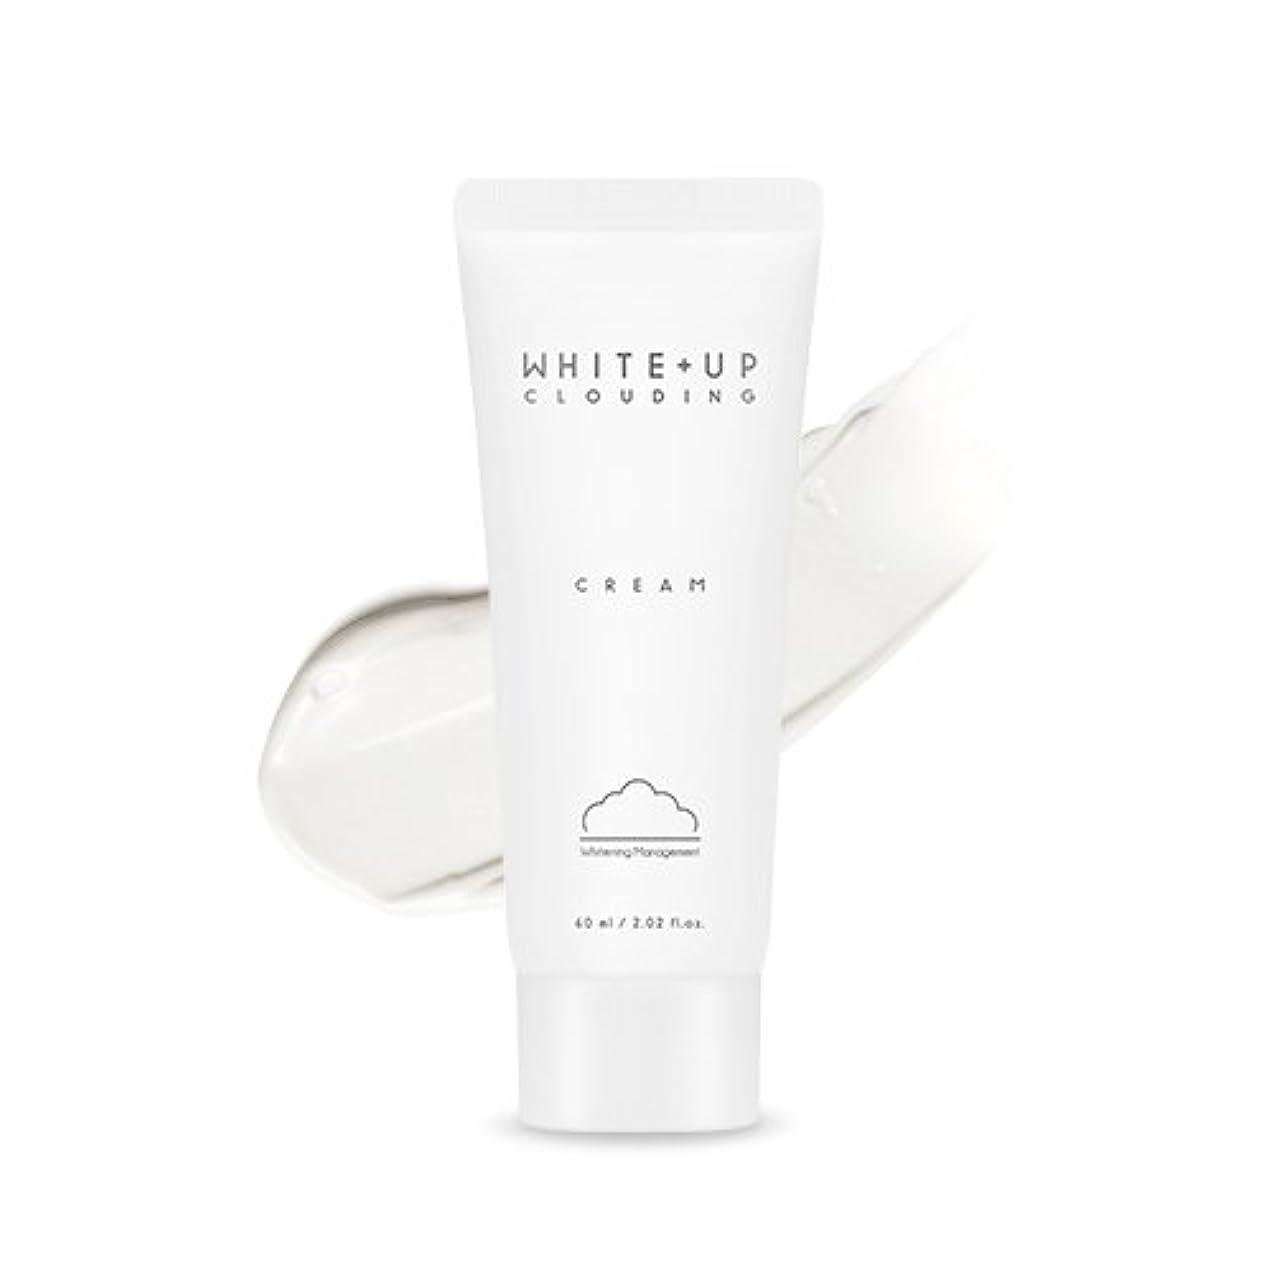 隔離する舗装中傷APIEU (WHITE+UP) Clouding Cream/アピュ ホワイトアップクラウドディングクリーム 60ml [並行輸入品]